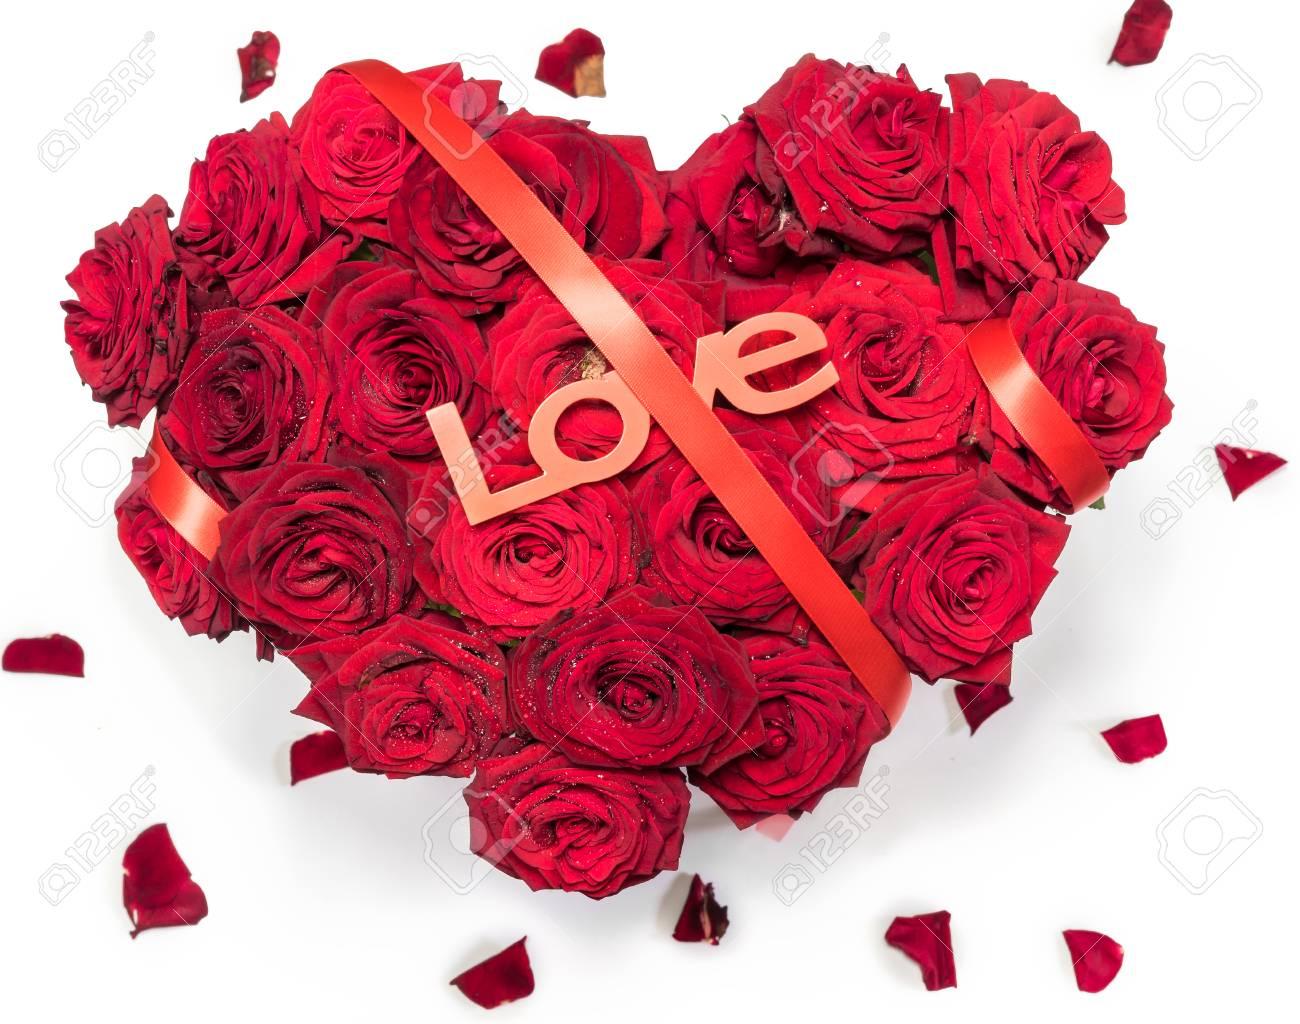 Bouquet De Roses Rouges Fait Coeur Ruban Rouge Texte Petales D Amour